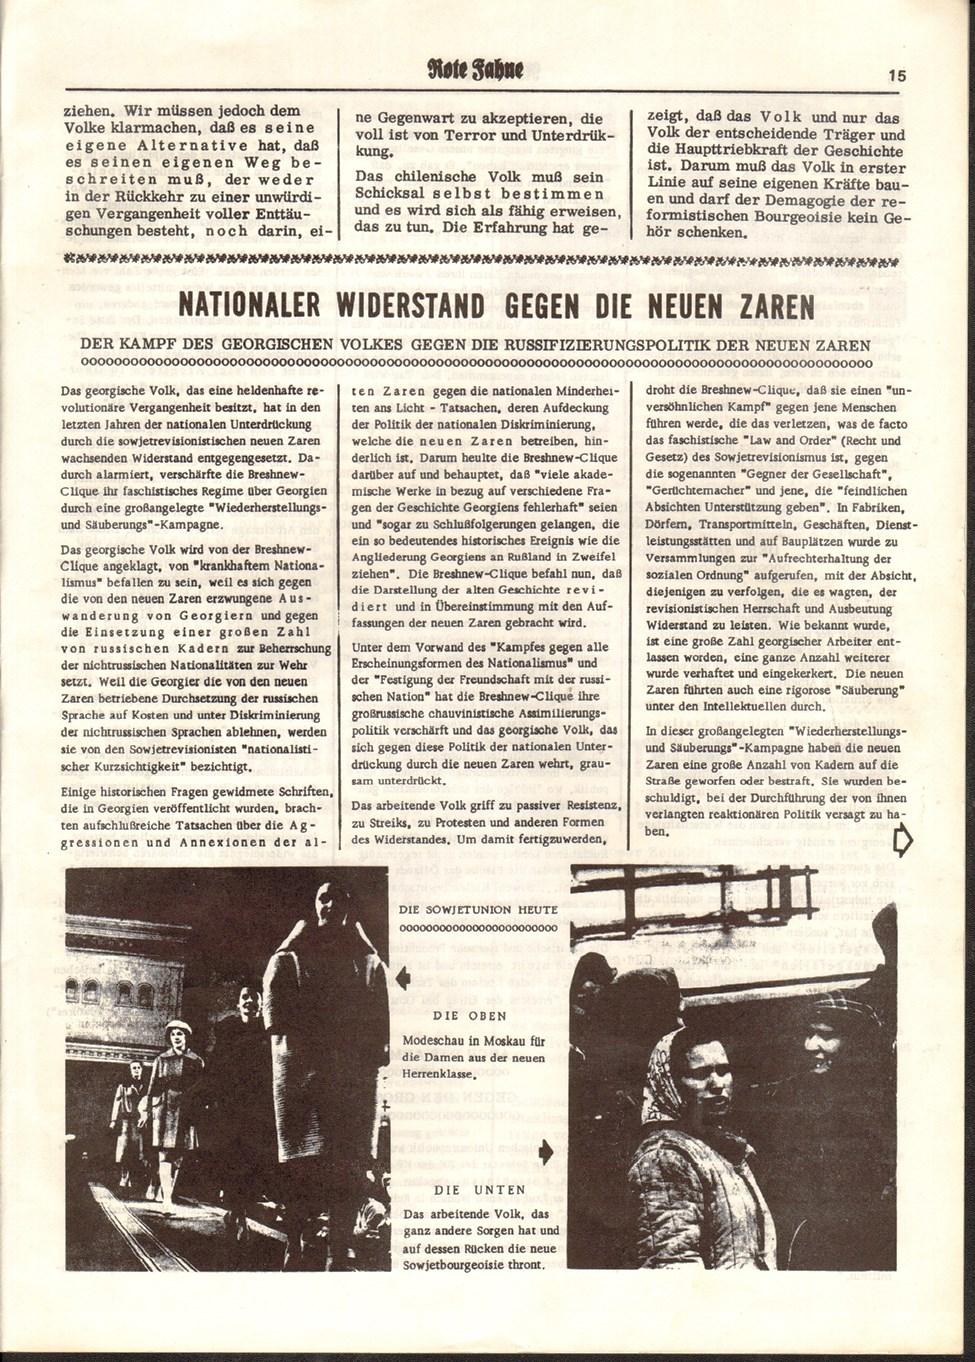 MLPO_Rote_Fahne_1975_157_15